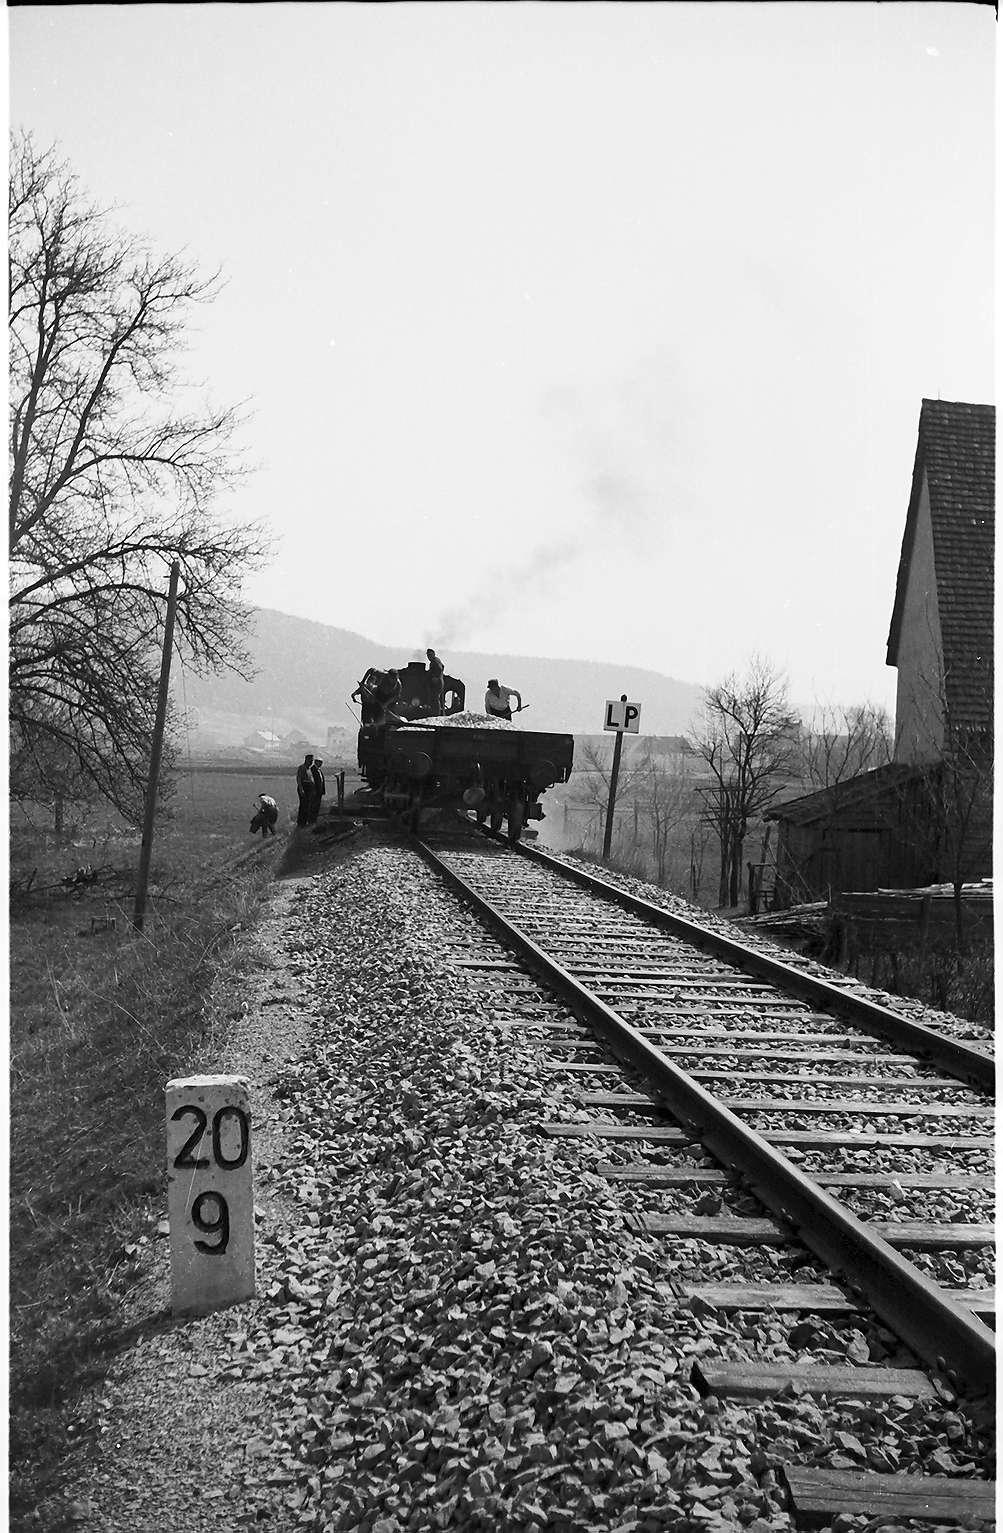 Lok 16, Az 405 Baustelle Rangendingen, Kilometer 20.9 alter Kilometerstein, 20 Kilometer ab Eyach beginnend, Bild 1